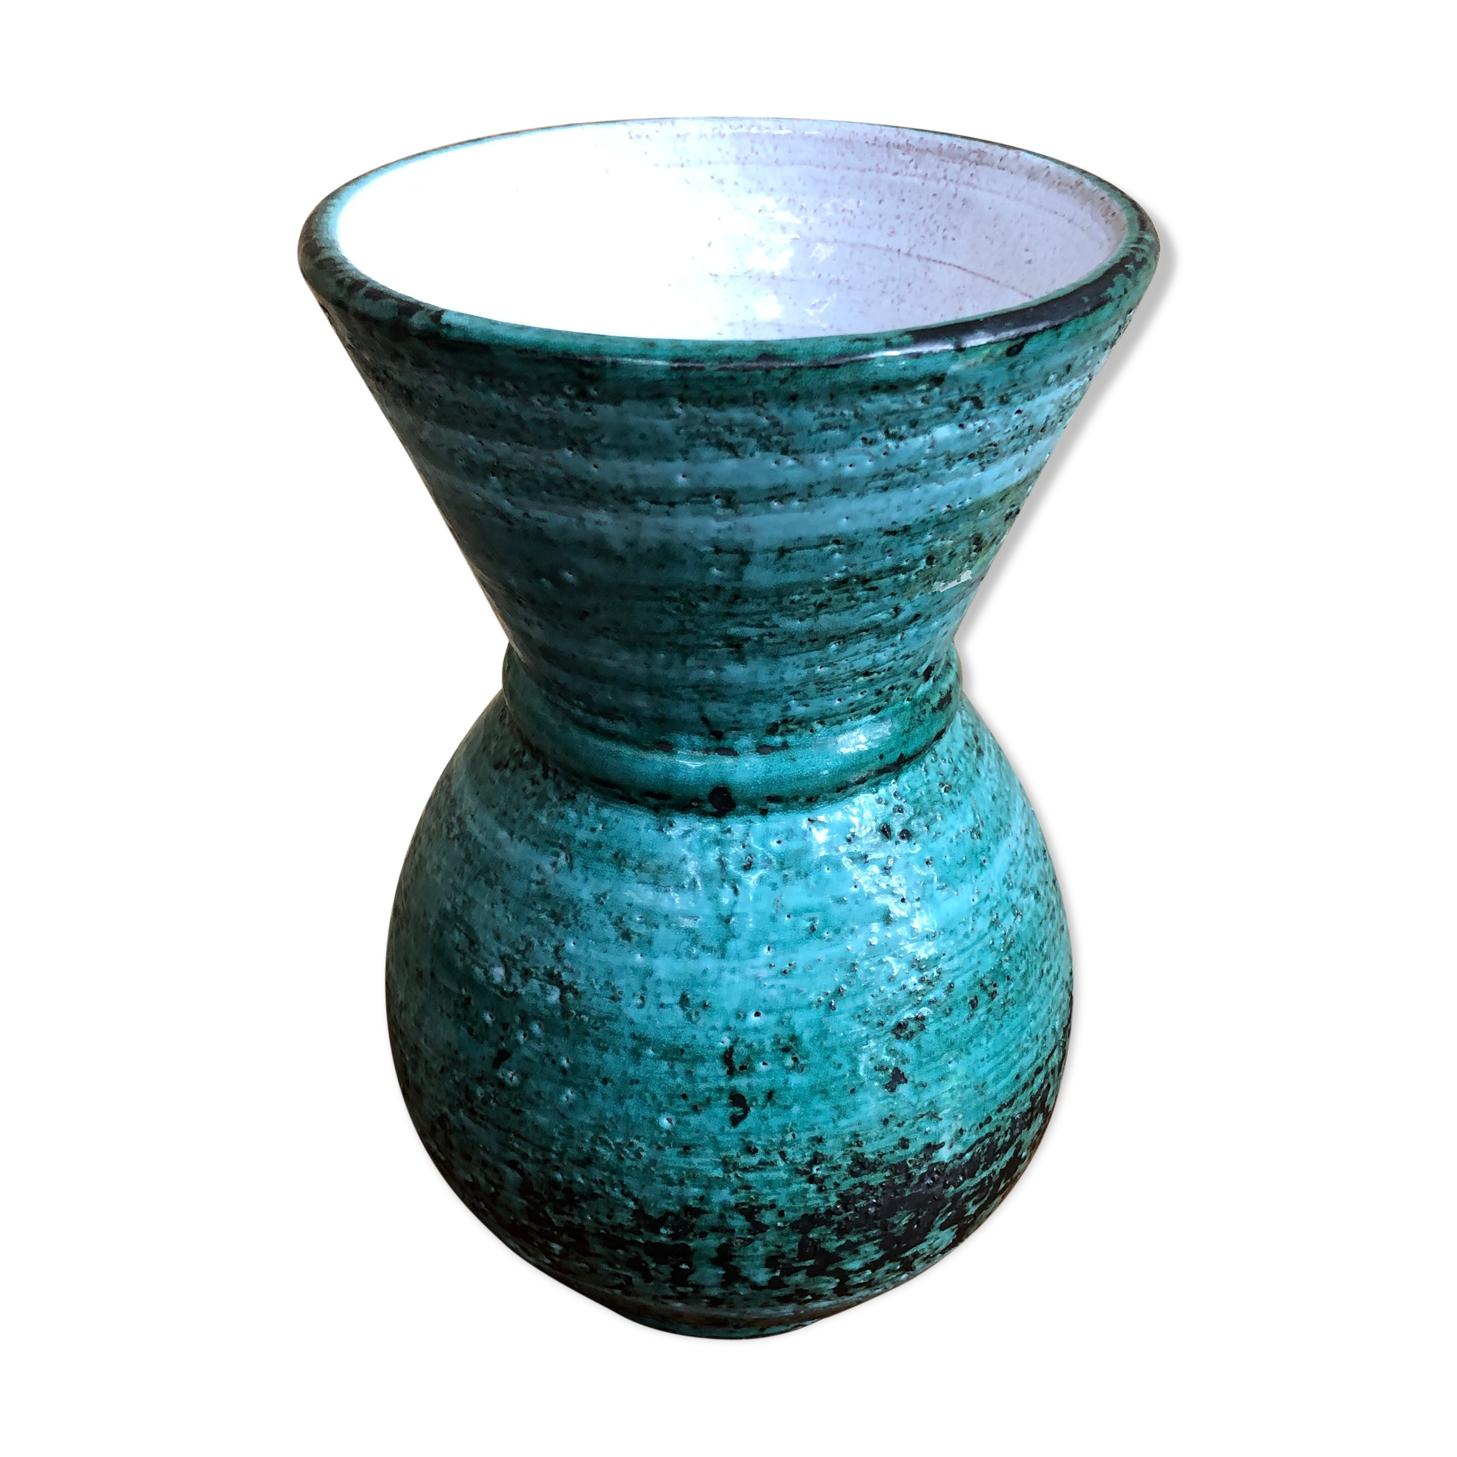 Ancien vase céramique verte intérieur blanc années 70 décoration vintage